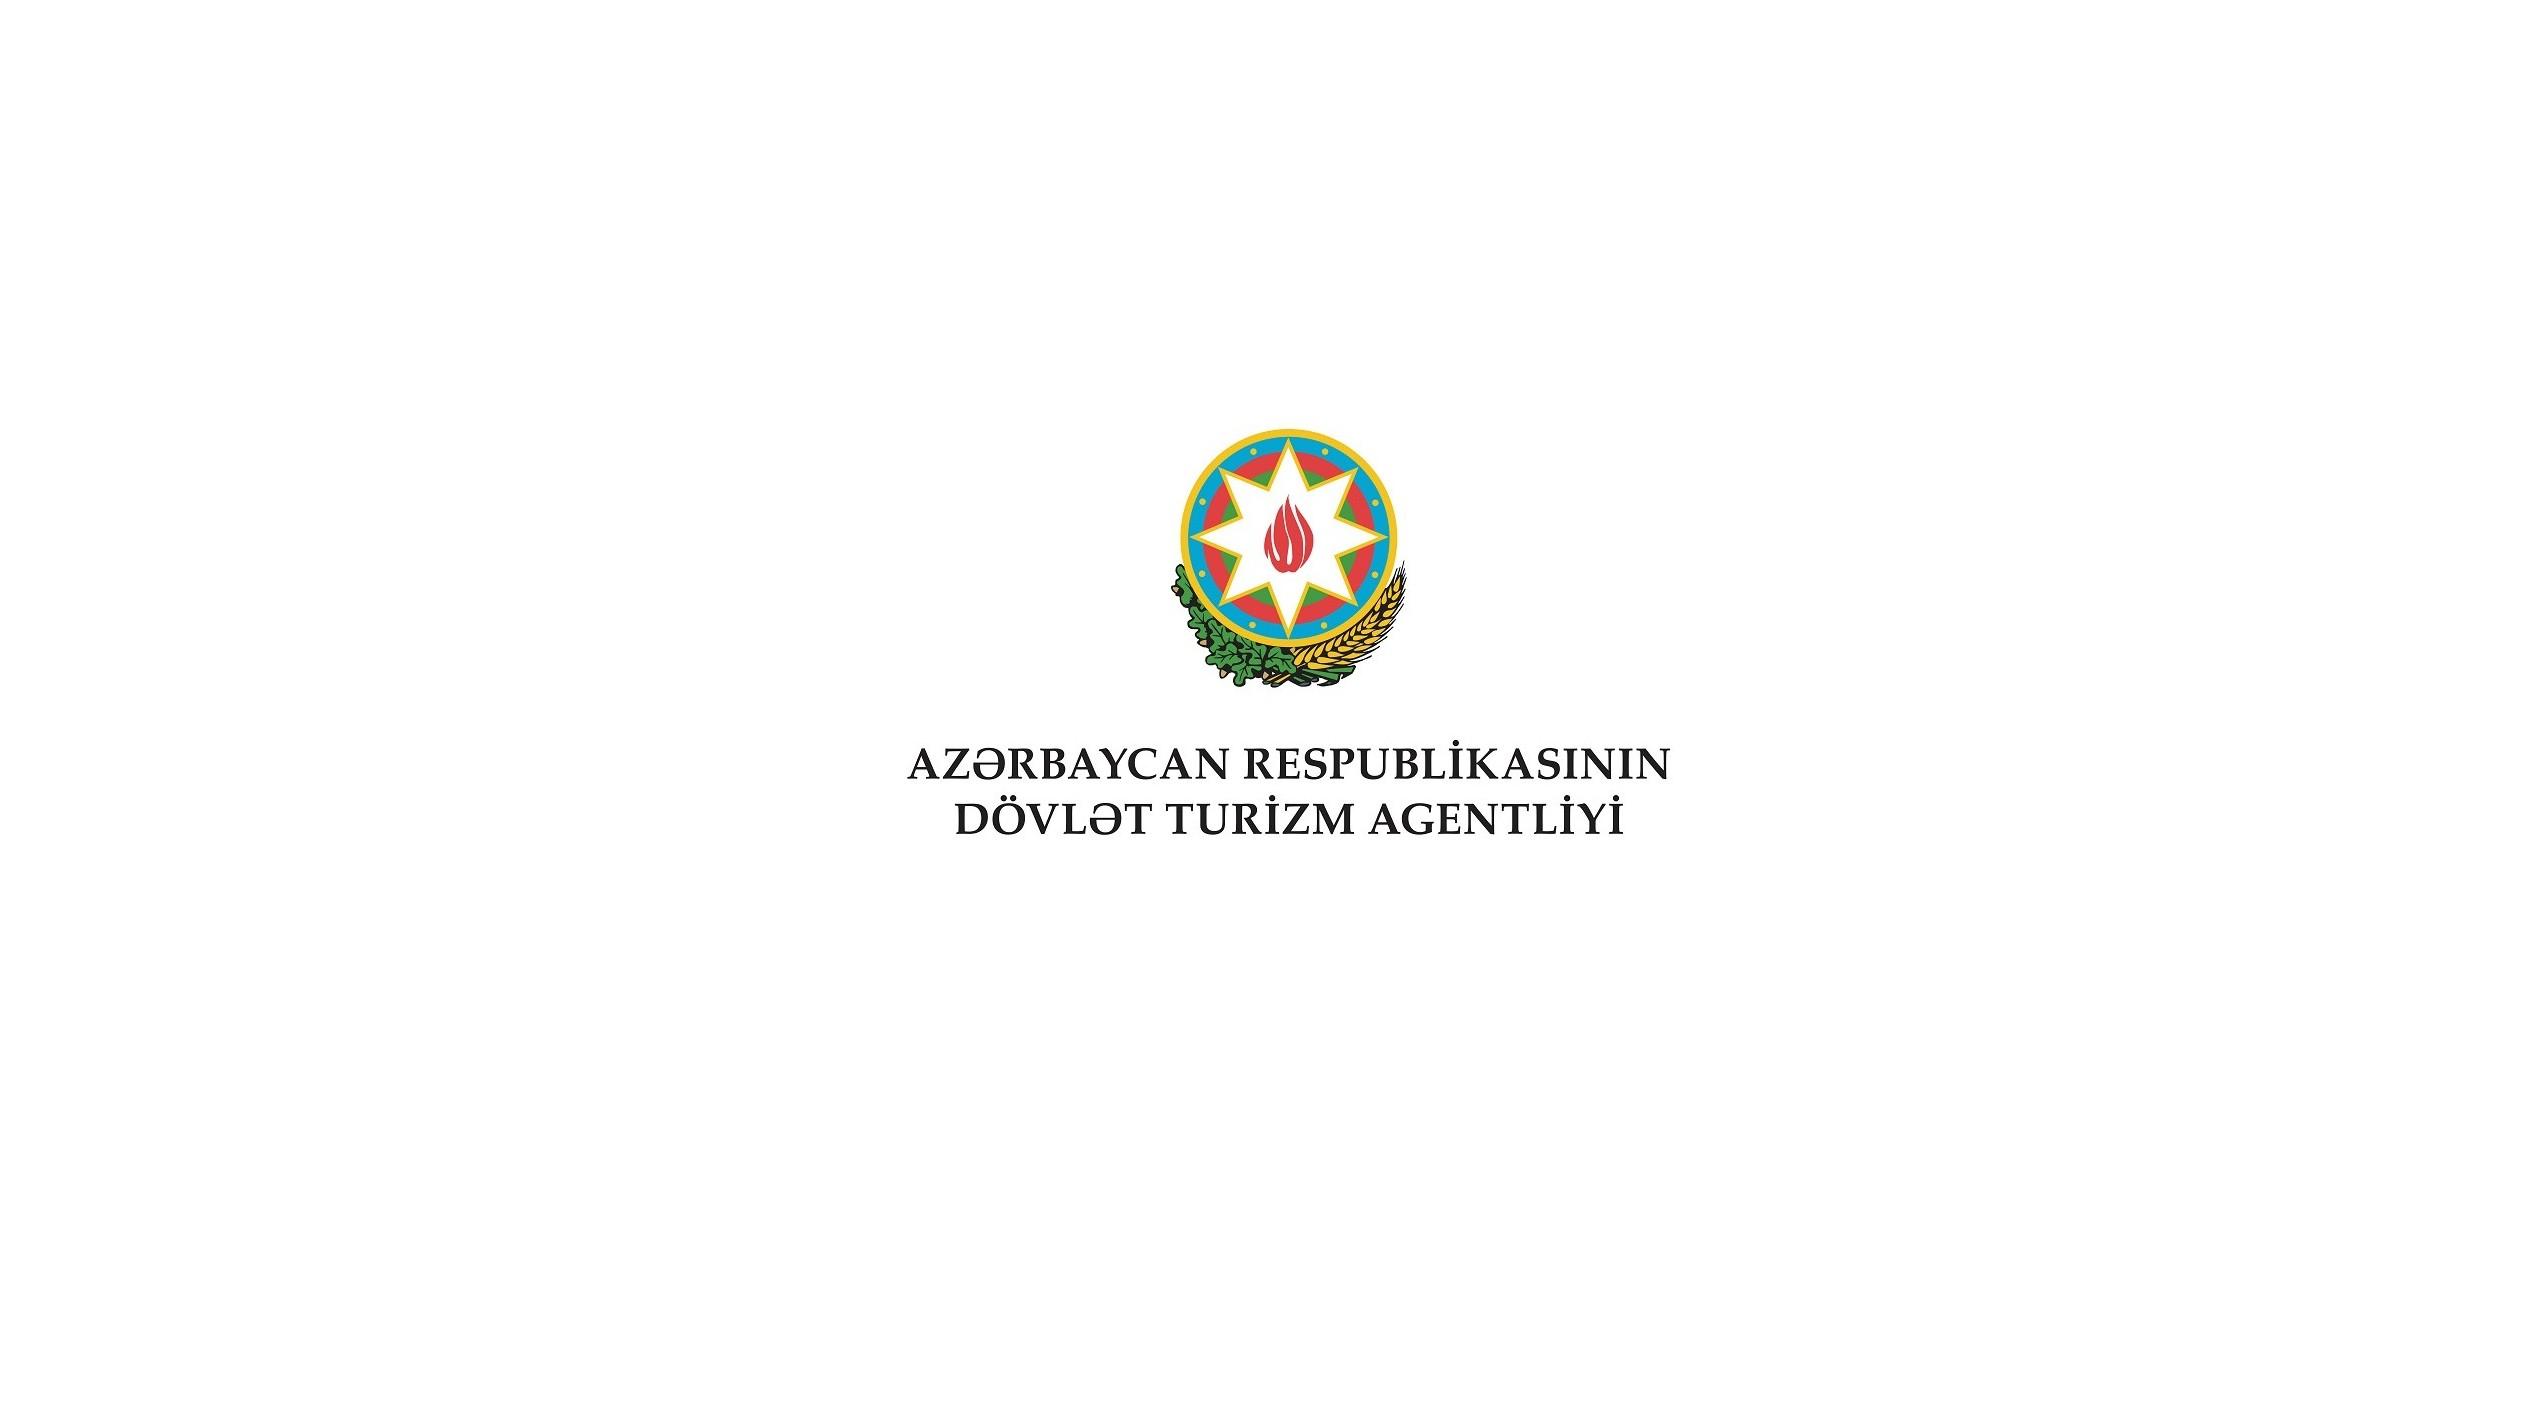 Azərbaycana gələn avropalıların sayı 14.7% artıb